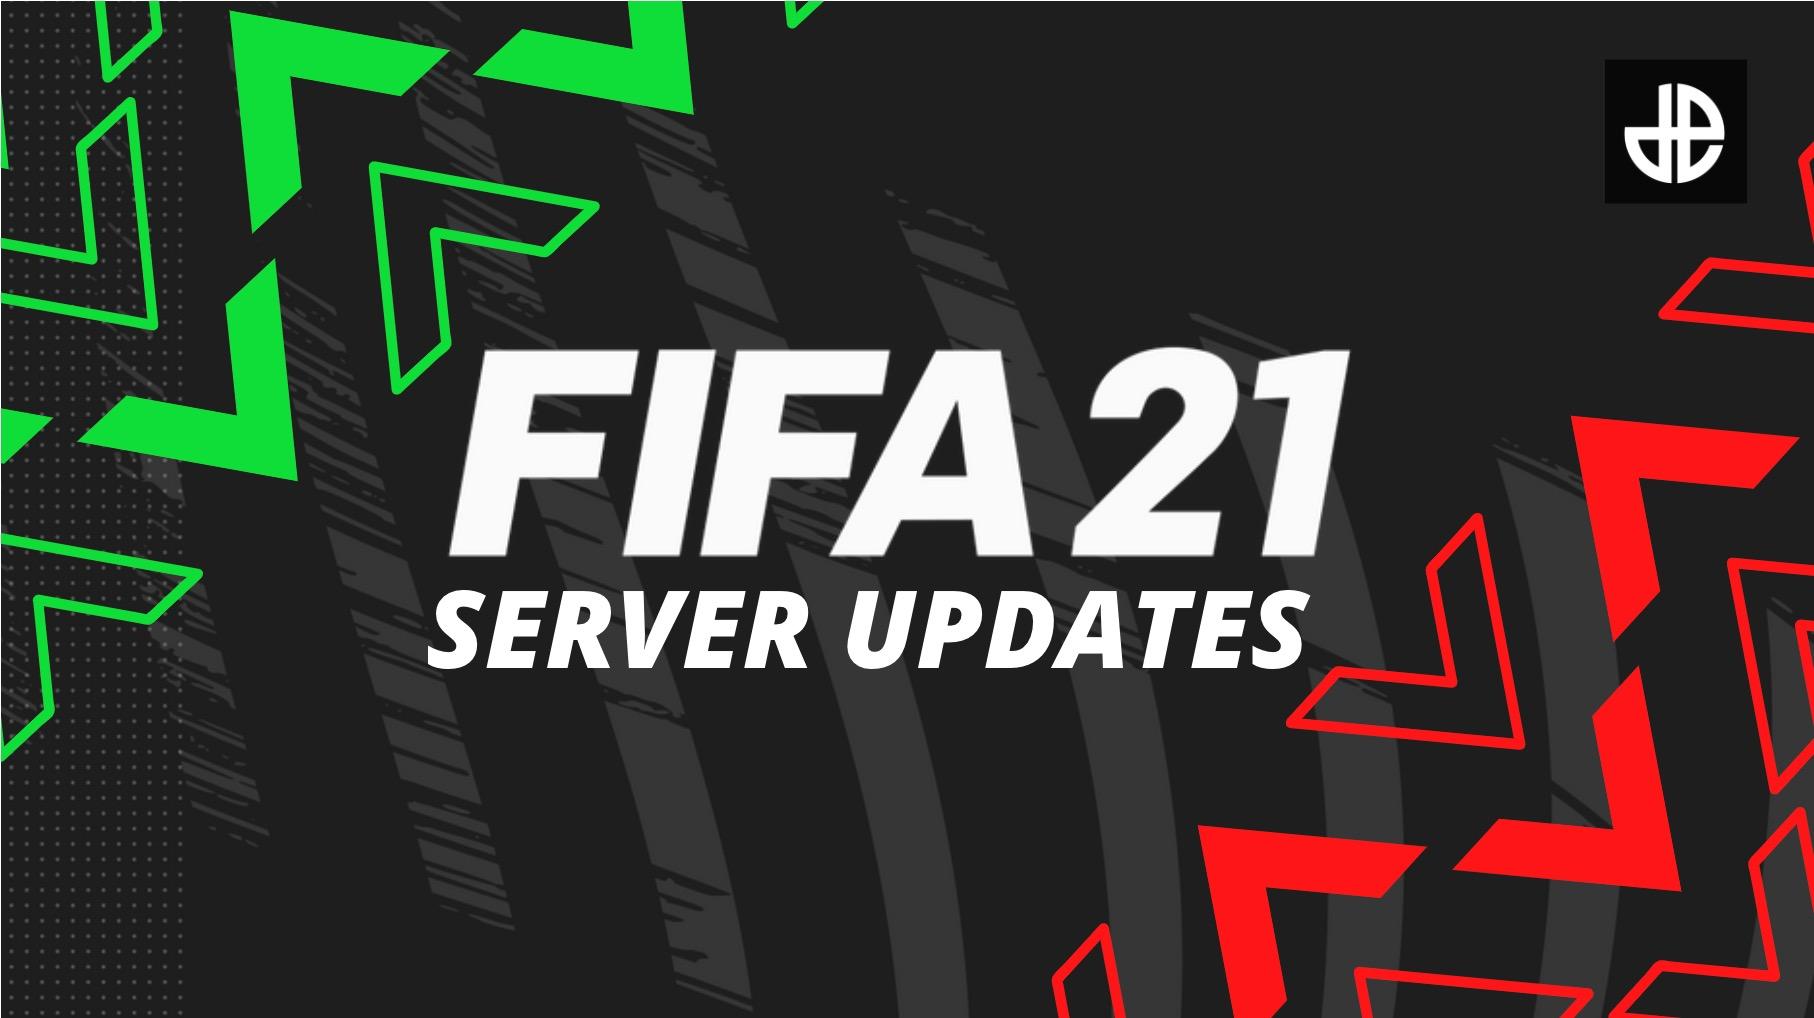 FIFA 21 EA servers image